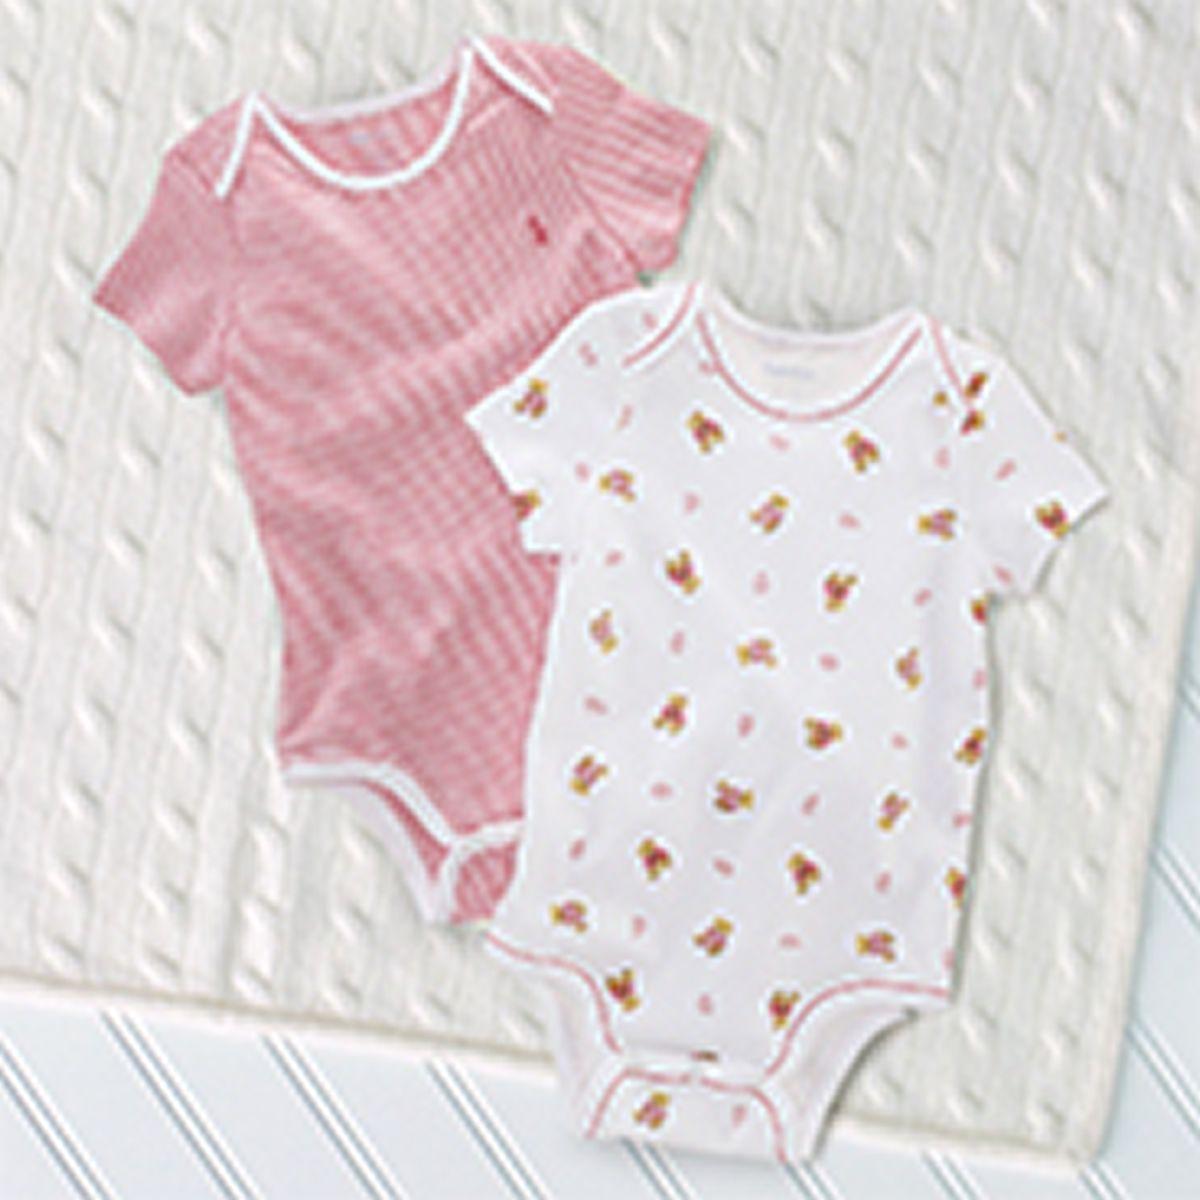 8a50fb3dd3e7 Ralph Lauren Baby Clothes   Polo - Macy s